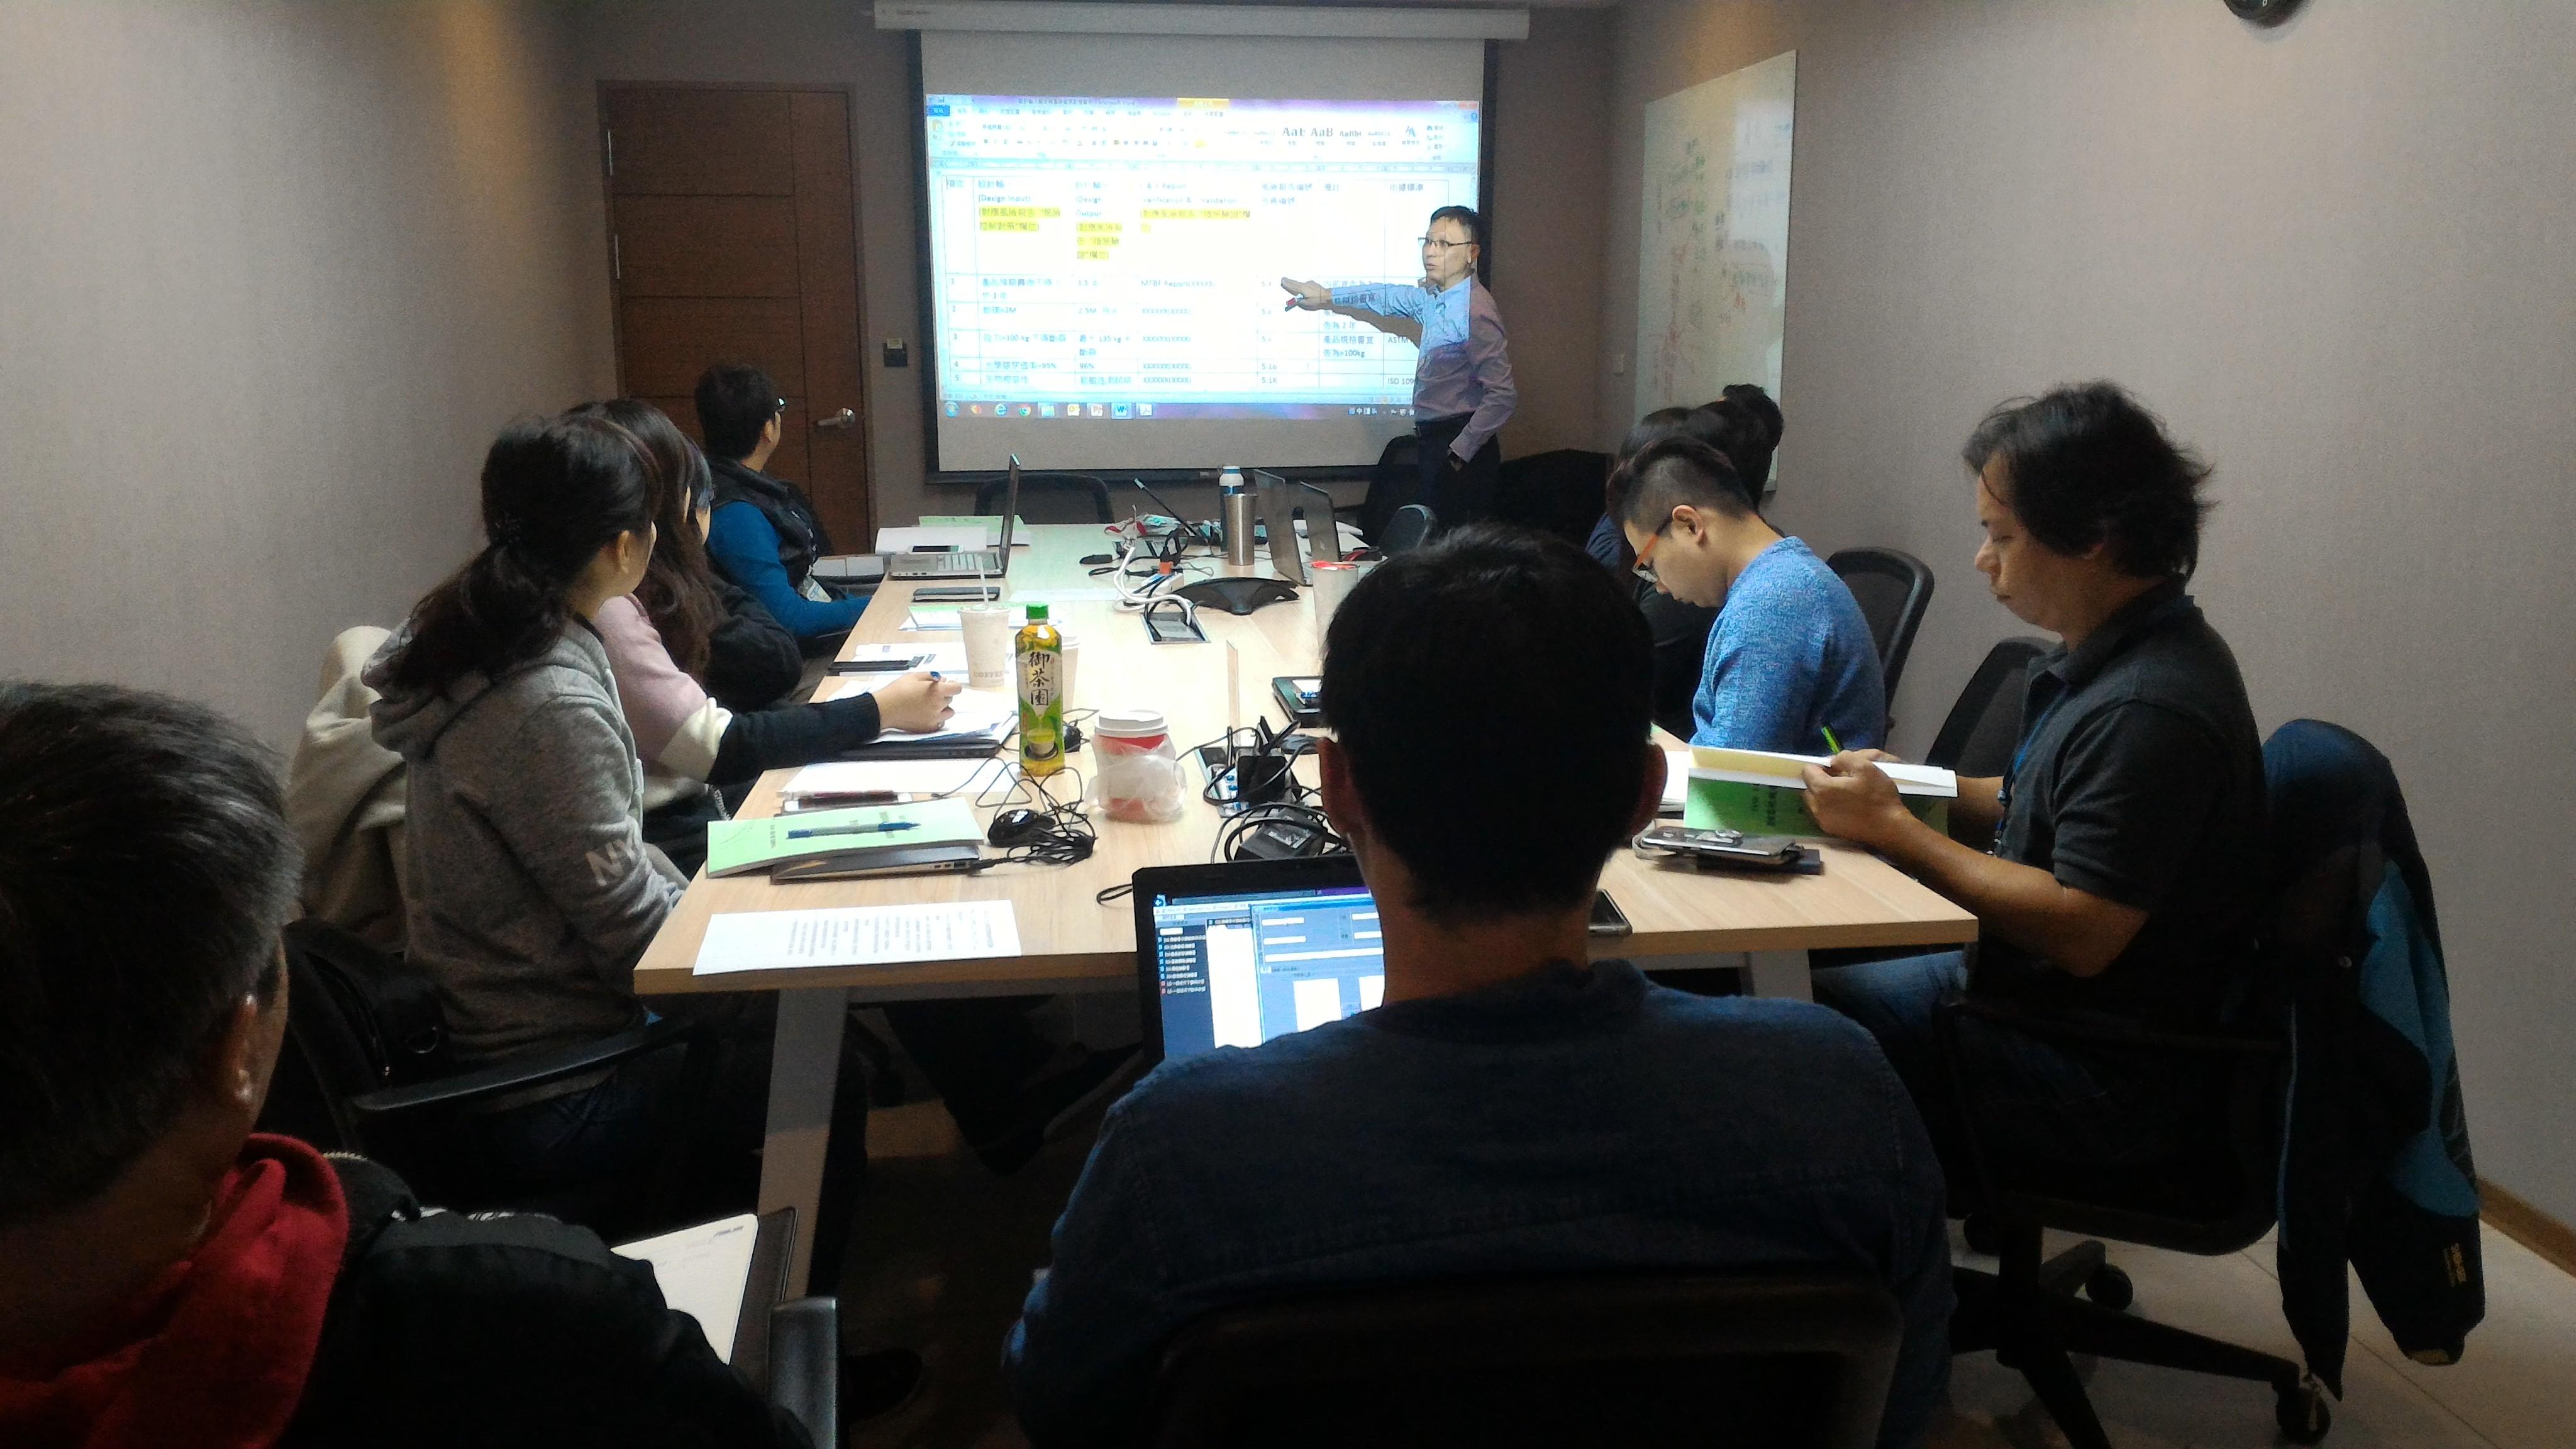 產品開發會議